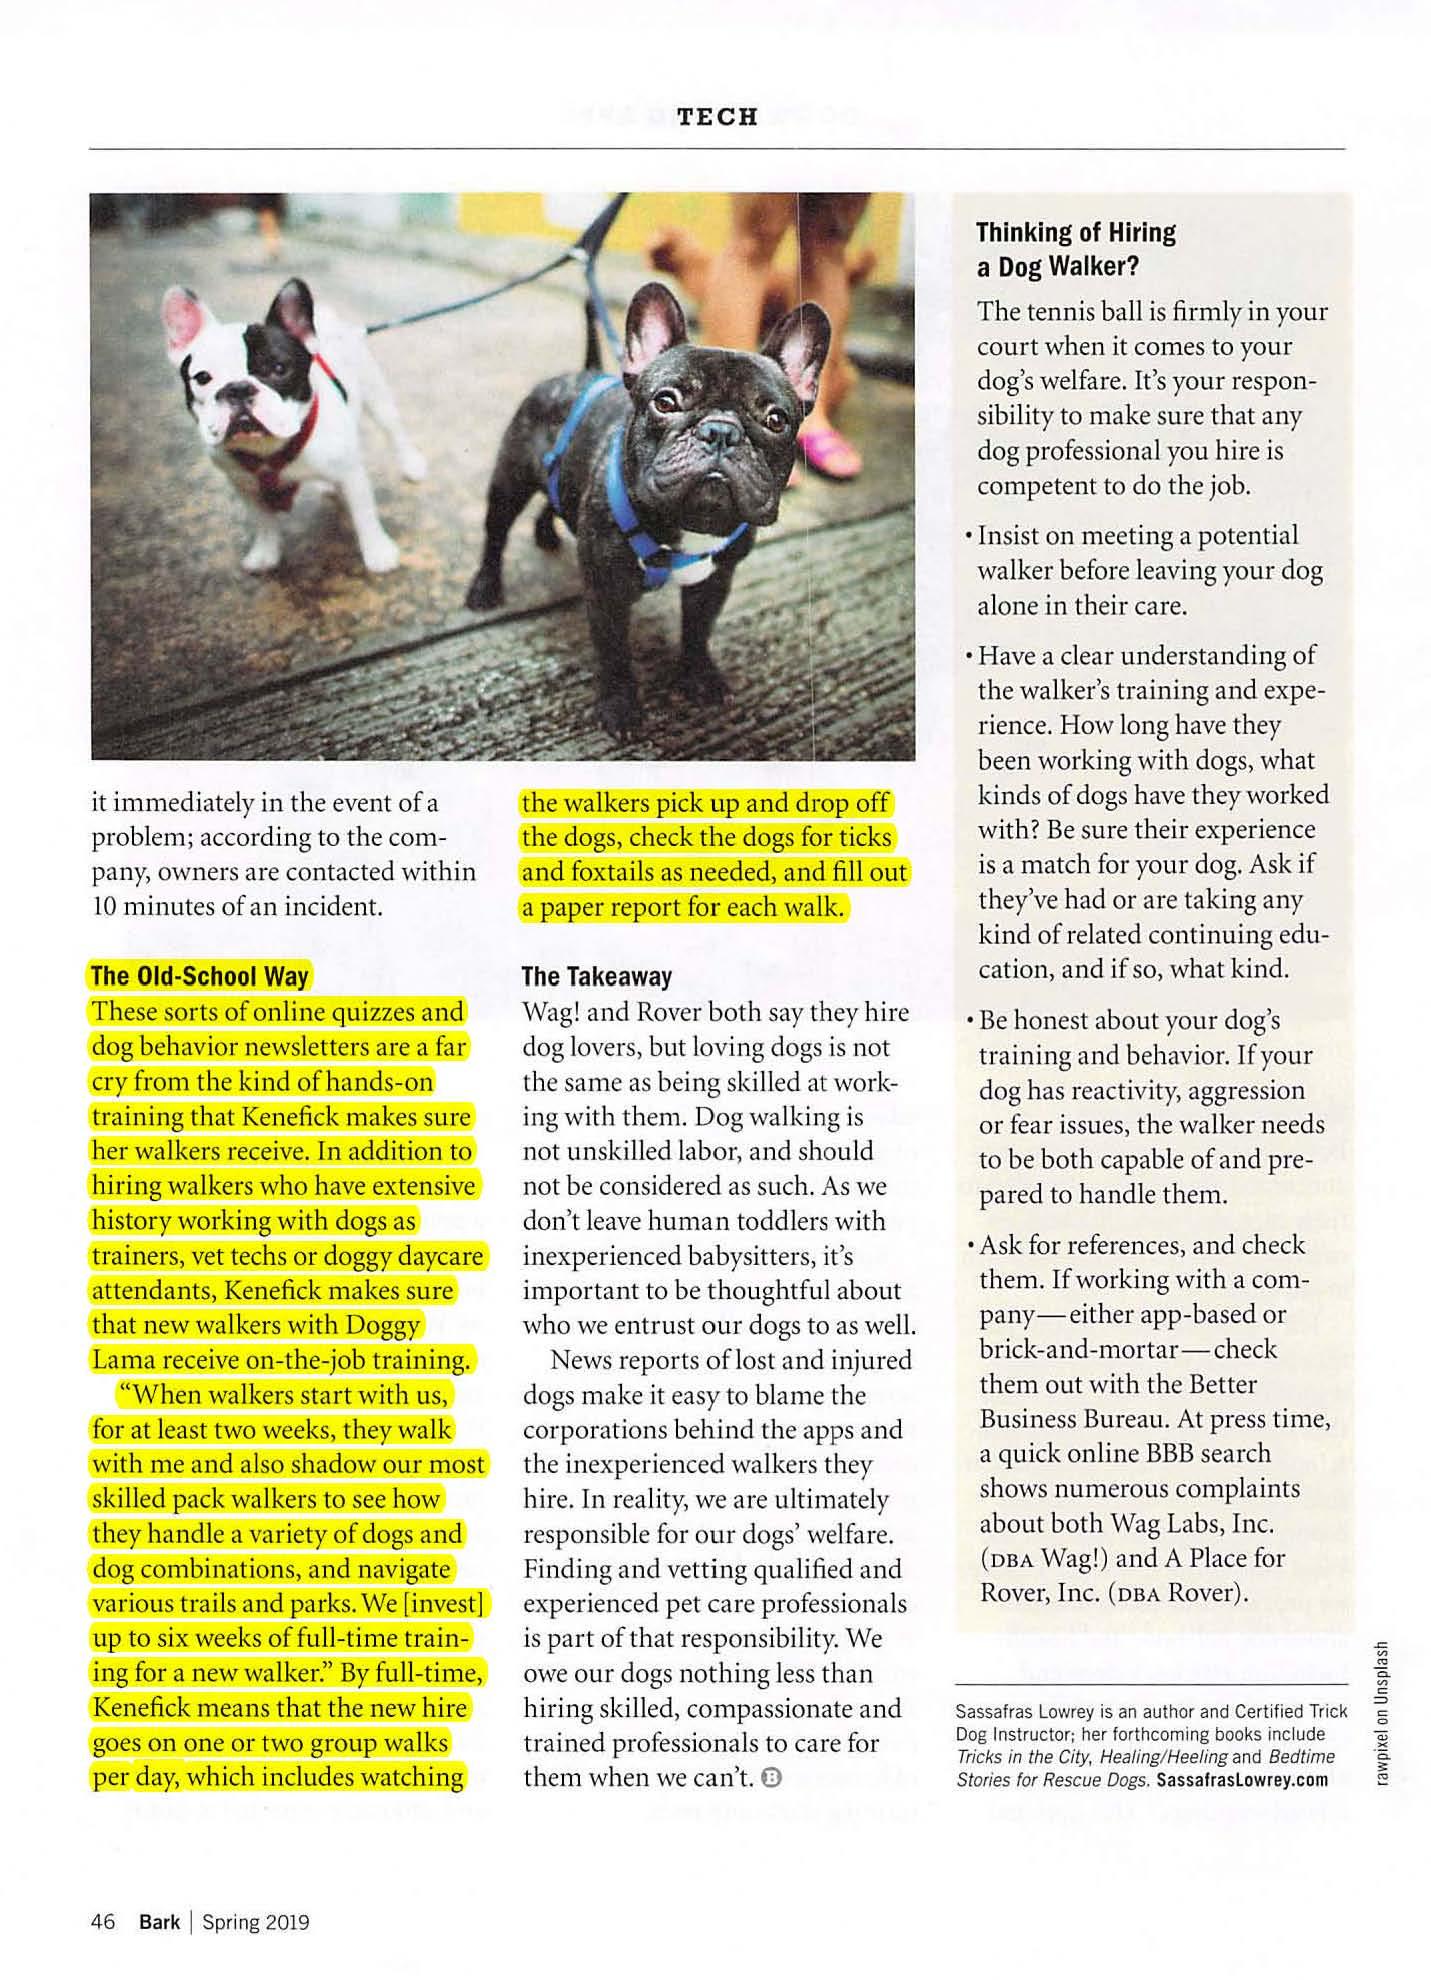 Bark Magazine — Doggy Lama Pet Care